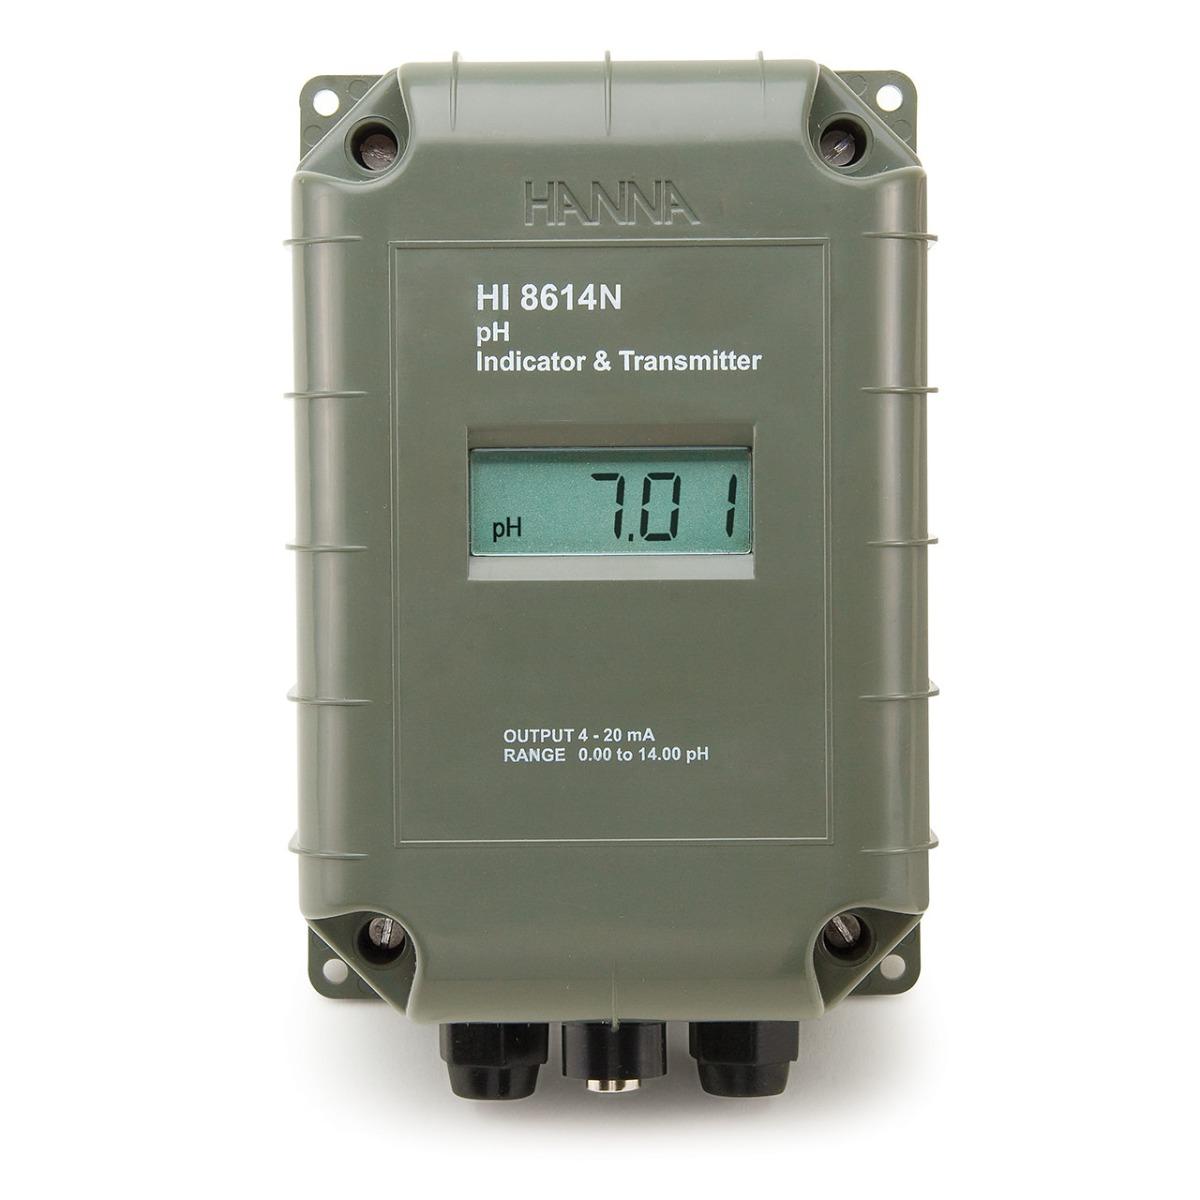 HI8614 - trasmettitore e indicatore pH con LCD